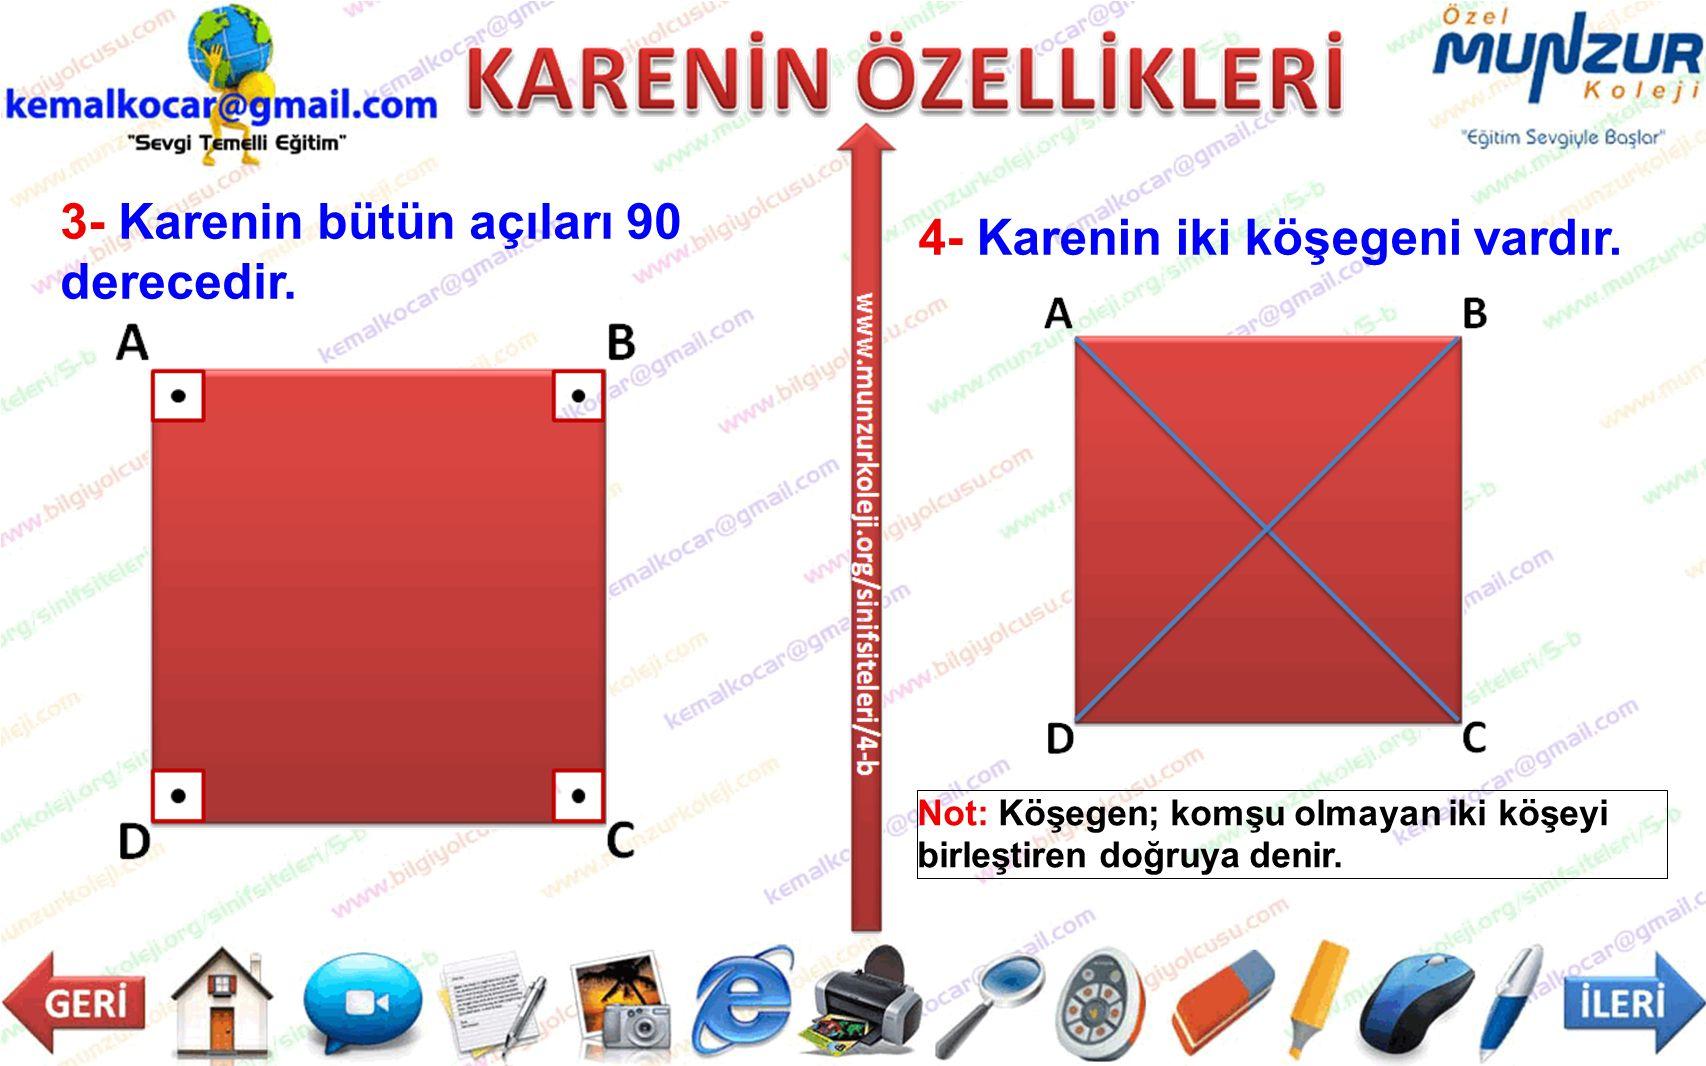 3- Karenin bütün açıları 90 derecedir. 4- Karenin iki köşegeni vardır.